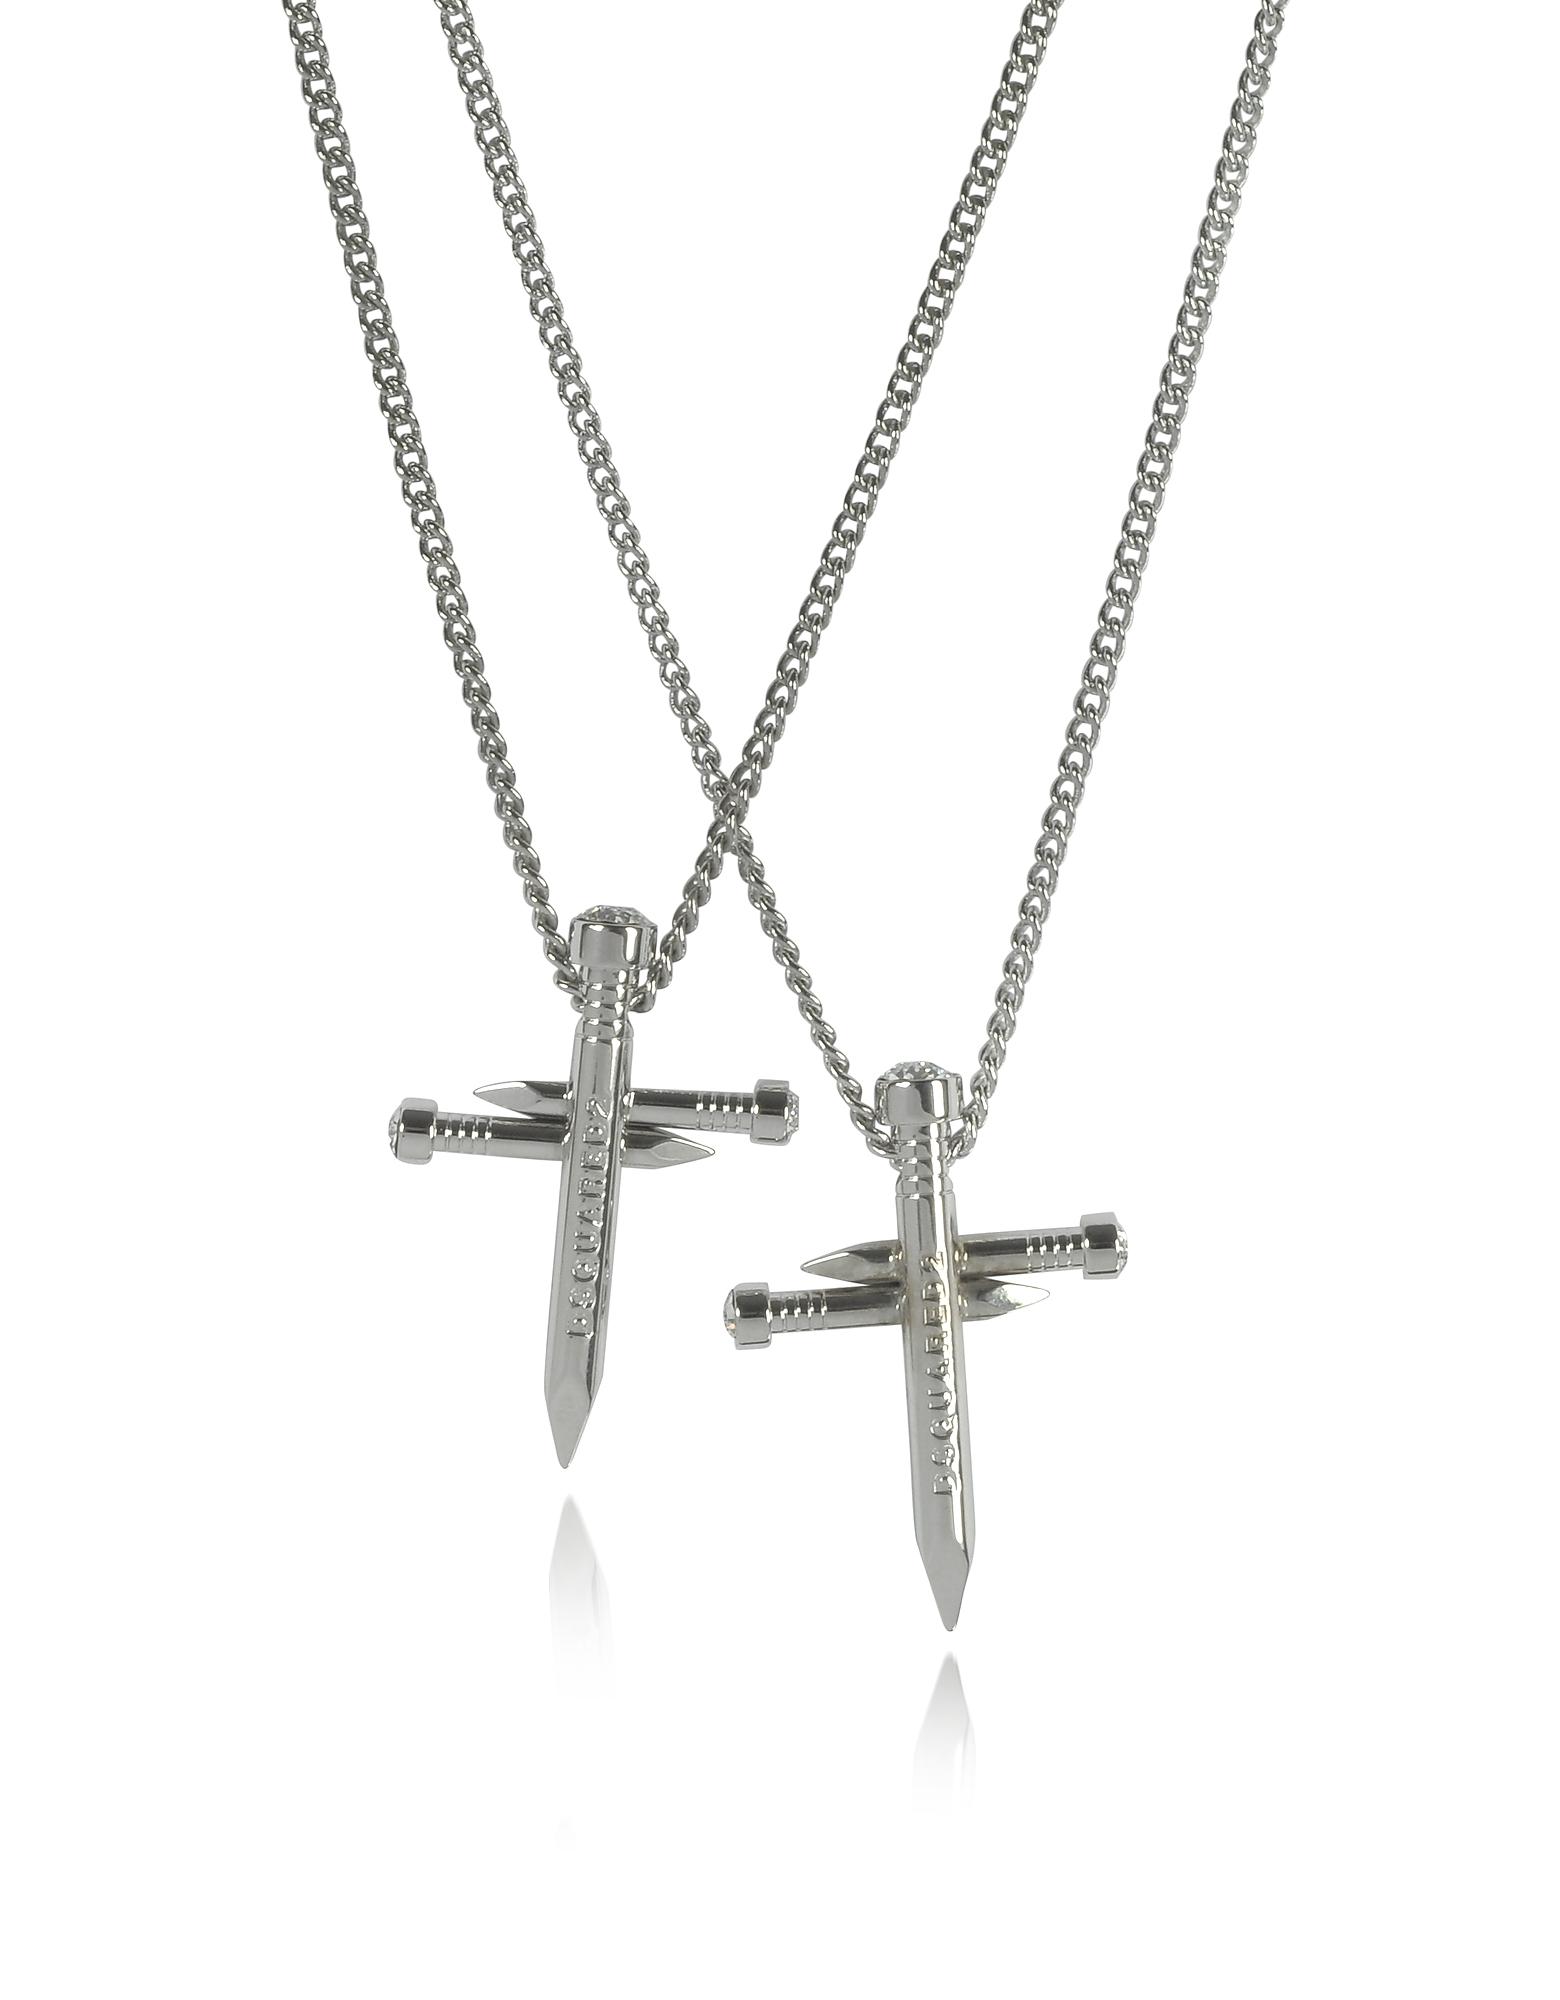 Ожерелье с Двумя Цепочками и Перекрещивающимися Гвоздями из Металла с Палладиевым Покрытием